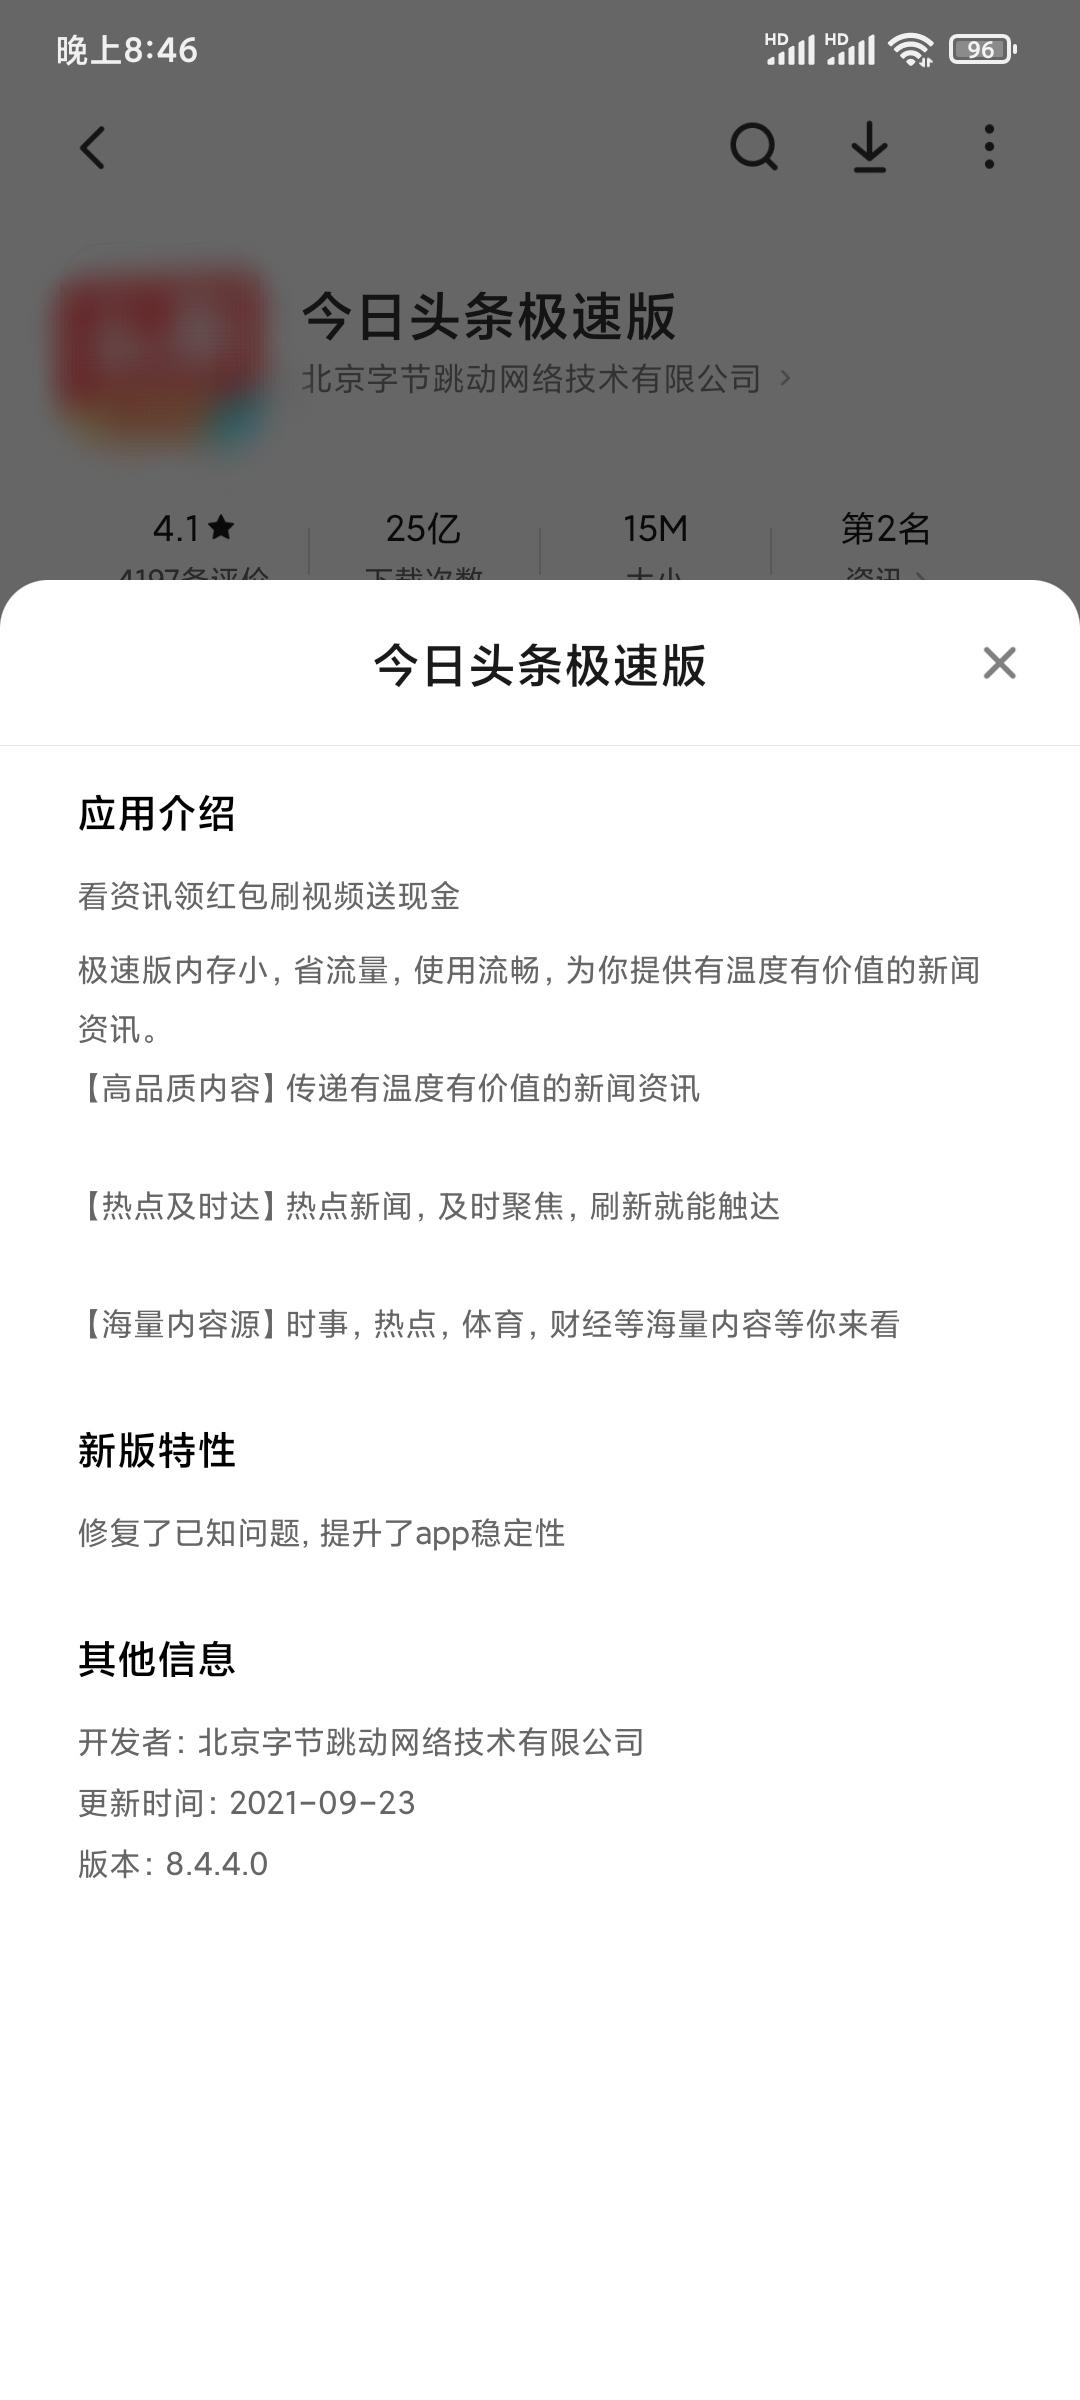 今日头条极速版APP开发者是北京字节跳动